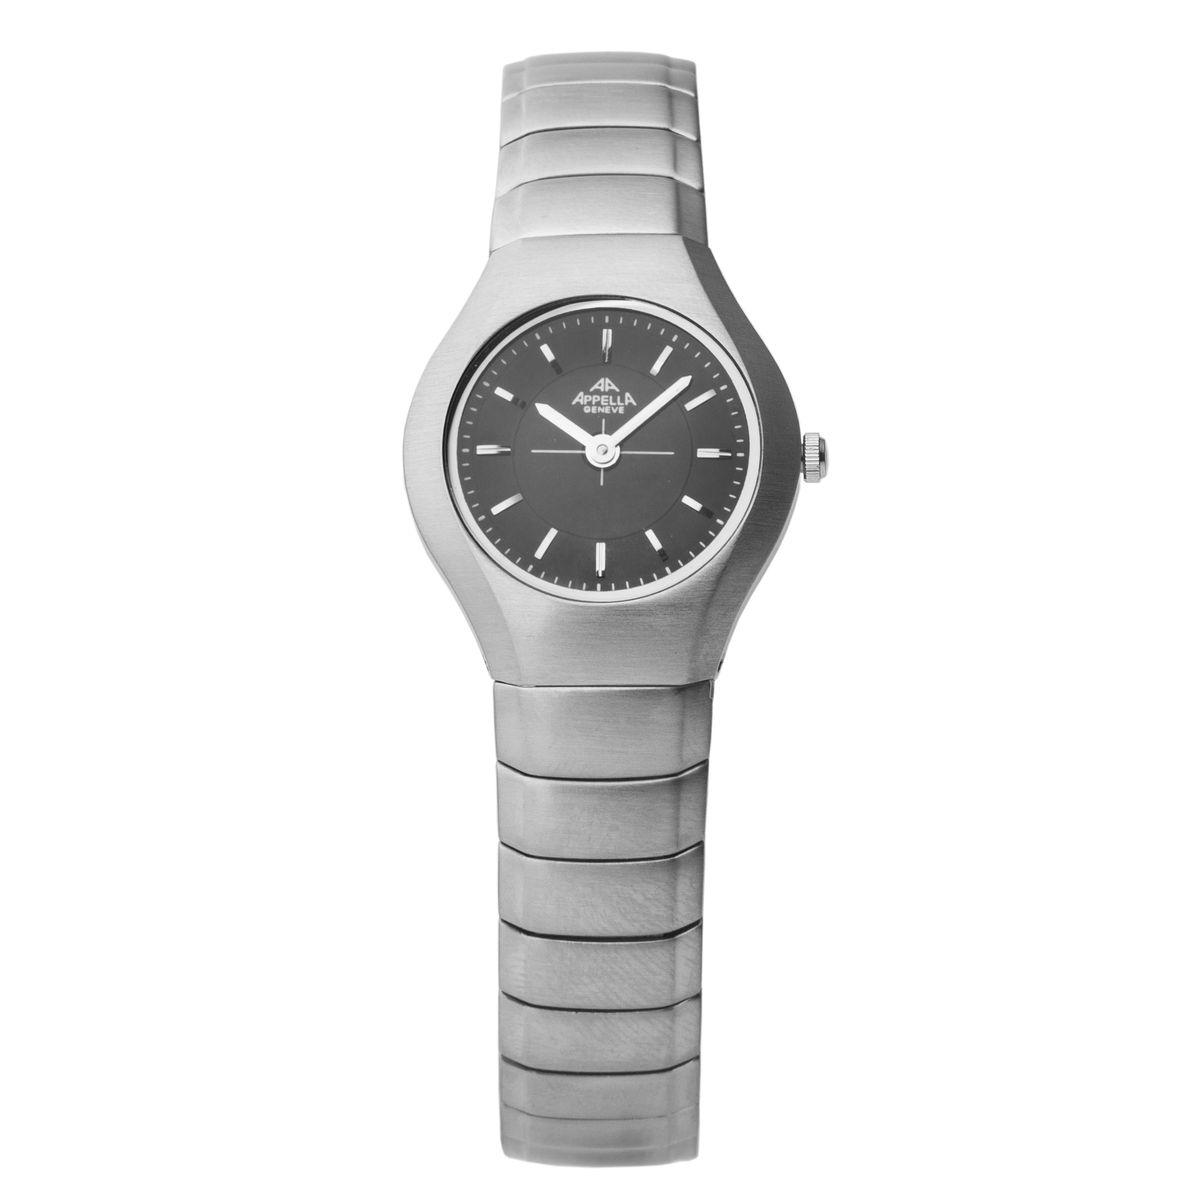 Часы наручные женские Apella, цвет: стальной. A-712-3004BM8434-58AEЭлегантные женские часы Apella выполнены из нержавеющей стали и минерального стекла. Циферблат часов дополнен символикой бренда.Корпус часов оснащен кварцевым механизмом, имеет степень влагозащиты равную 3 atm, а также дополнен устойчивым к царапинам минеральным стеклом. Браслет часов оснащен застежкой-бабочкой, которая позволит с легкостью снимать и надевать изделие.Часы поставляются в фирменной упаковке.Часы Apella подчеркнут изящность женской руки и отменное чувство стиля у их обладательницы.